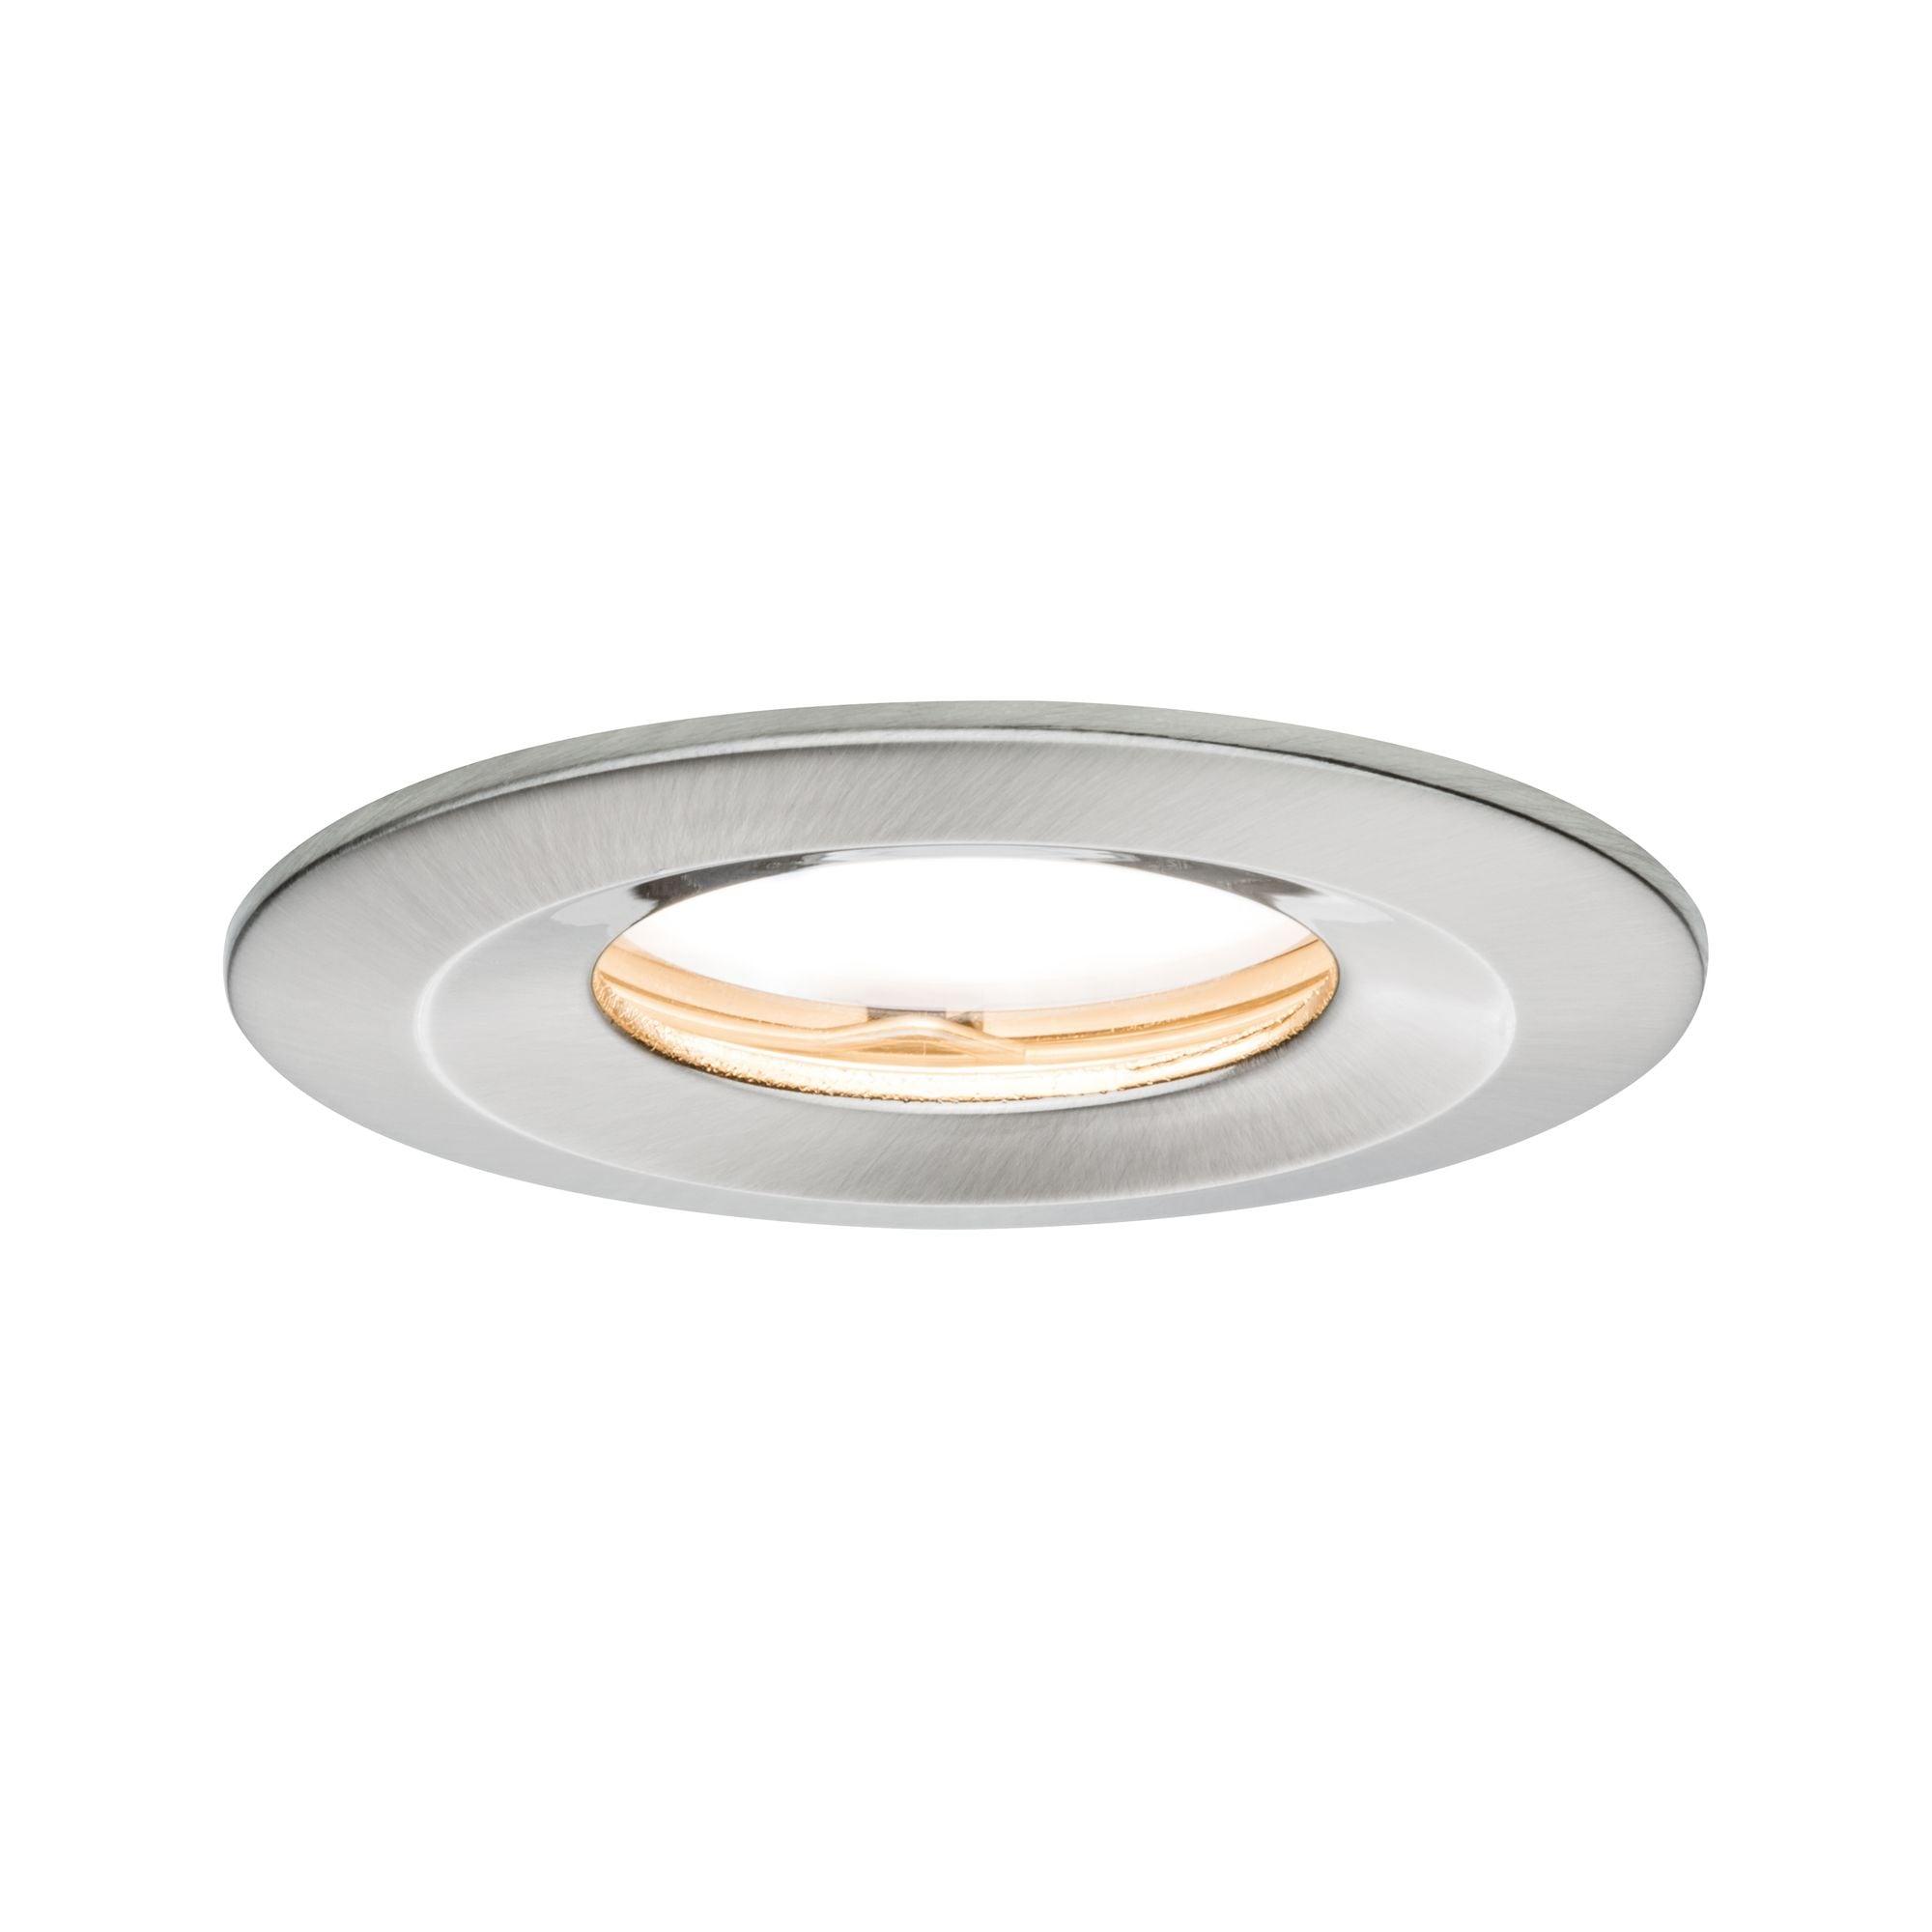 Paulmann LED Einbaustrahler dimmbar IP65 rund Eisen Coin Slim 6,8W, 1 St., Warmweiß